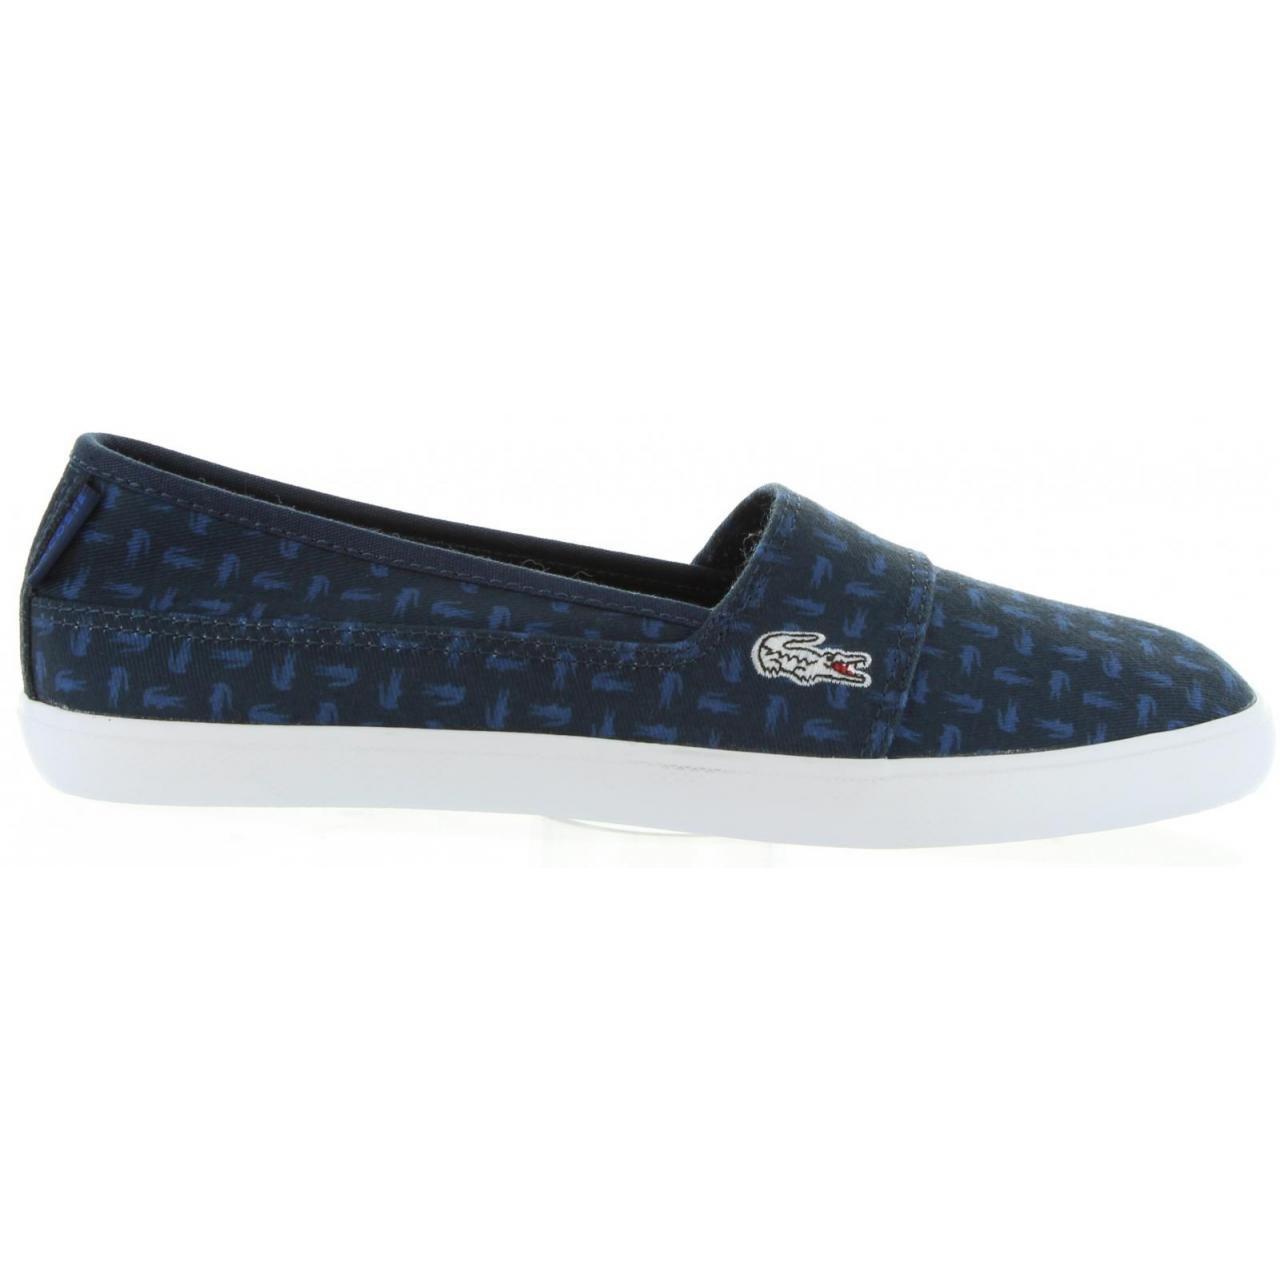 Zapatos de Mujer LACOSTE 31SPW0021 MARICE 003 NAVY Talla 36: Amazon.es: Zapatos y complementos